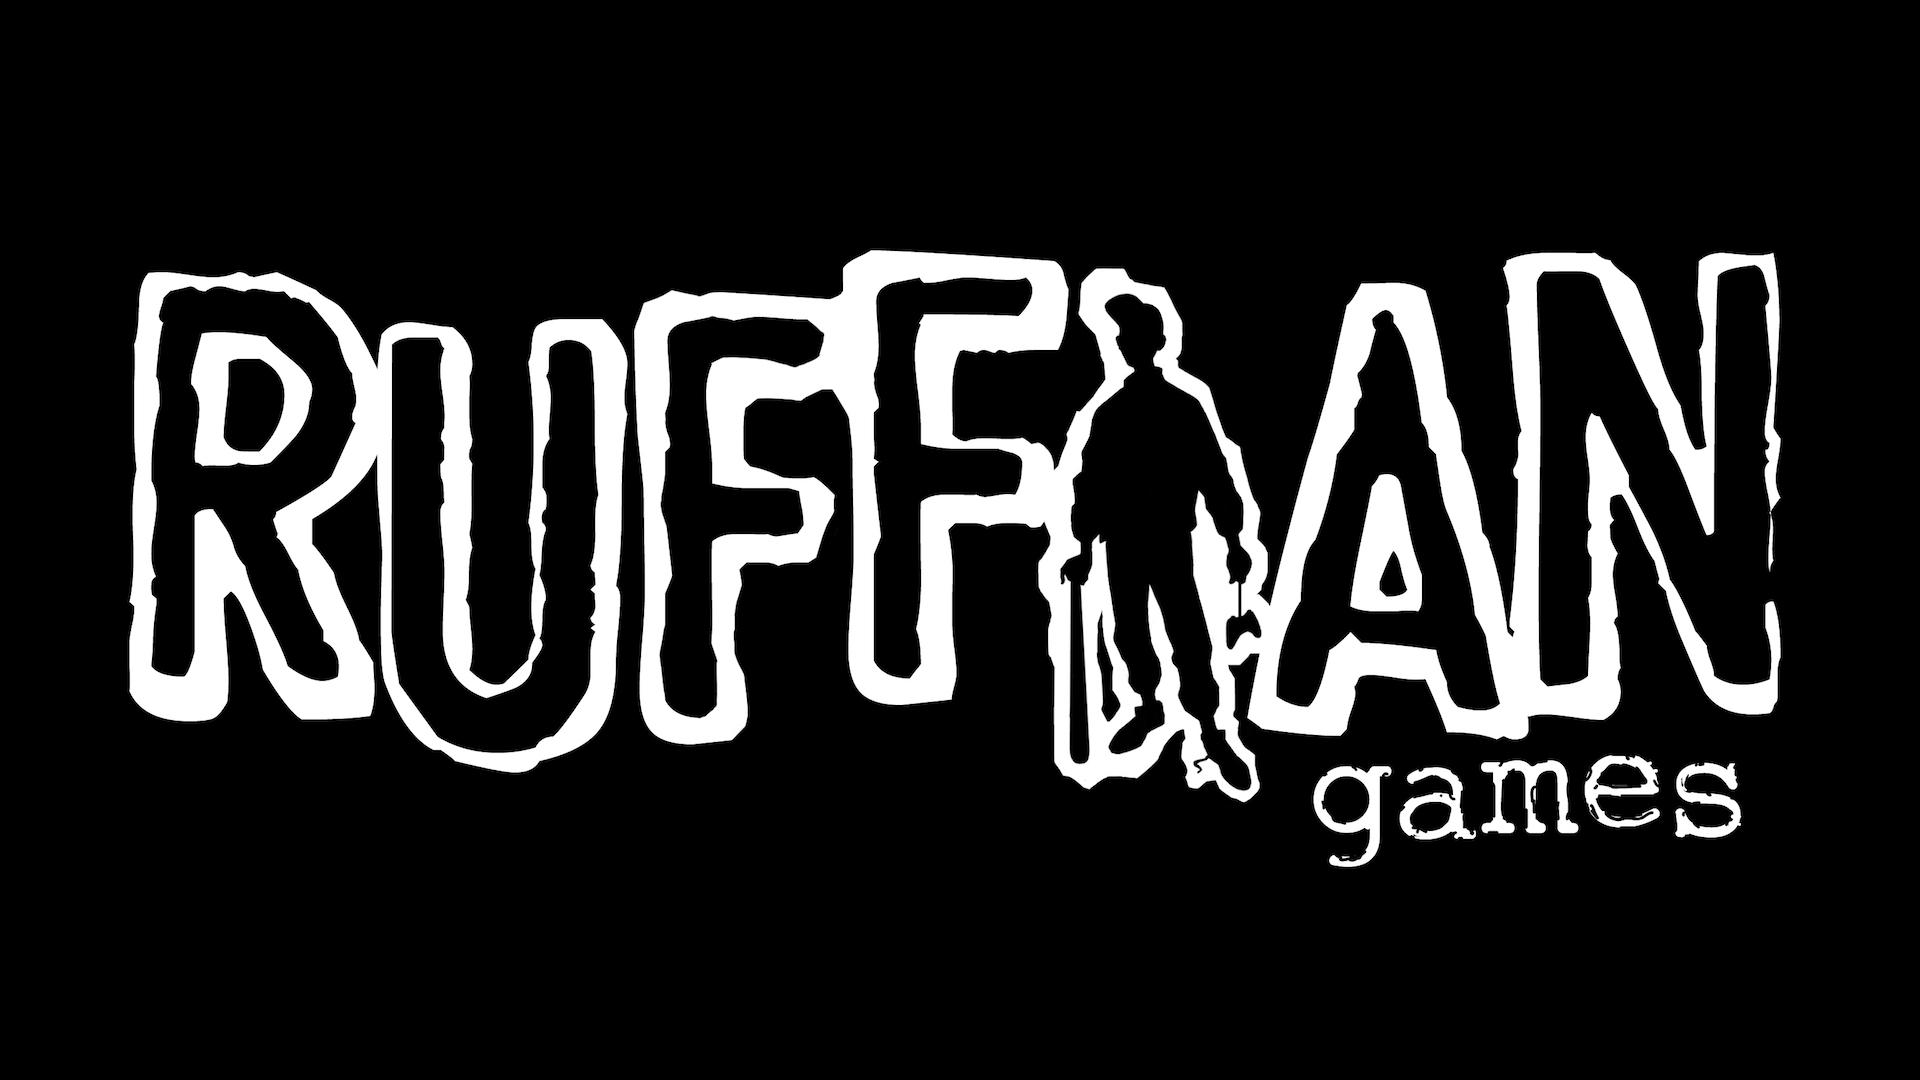 ruffian games logo